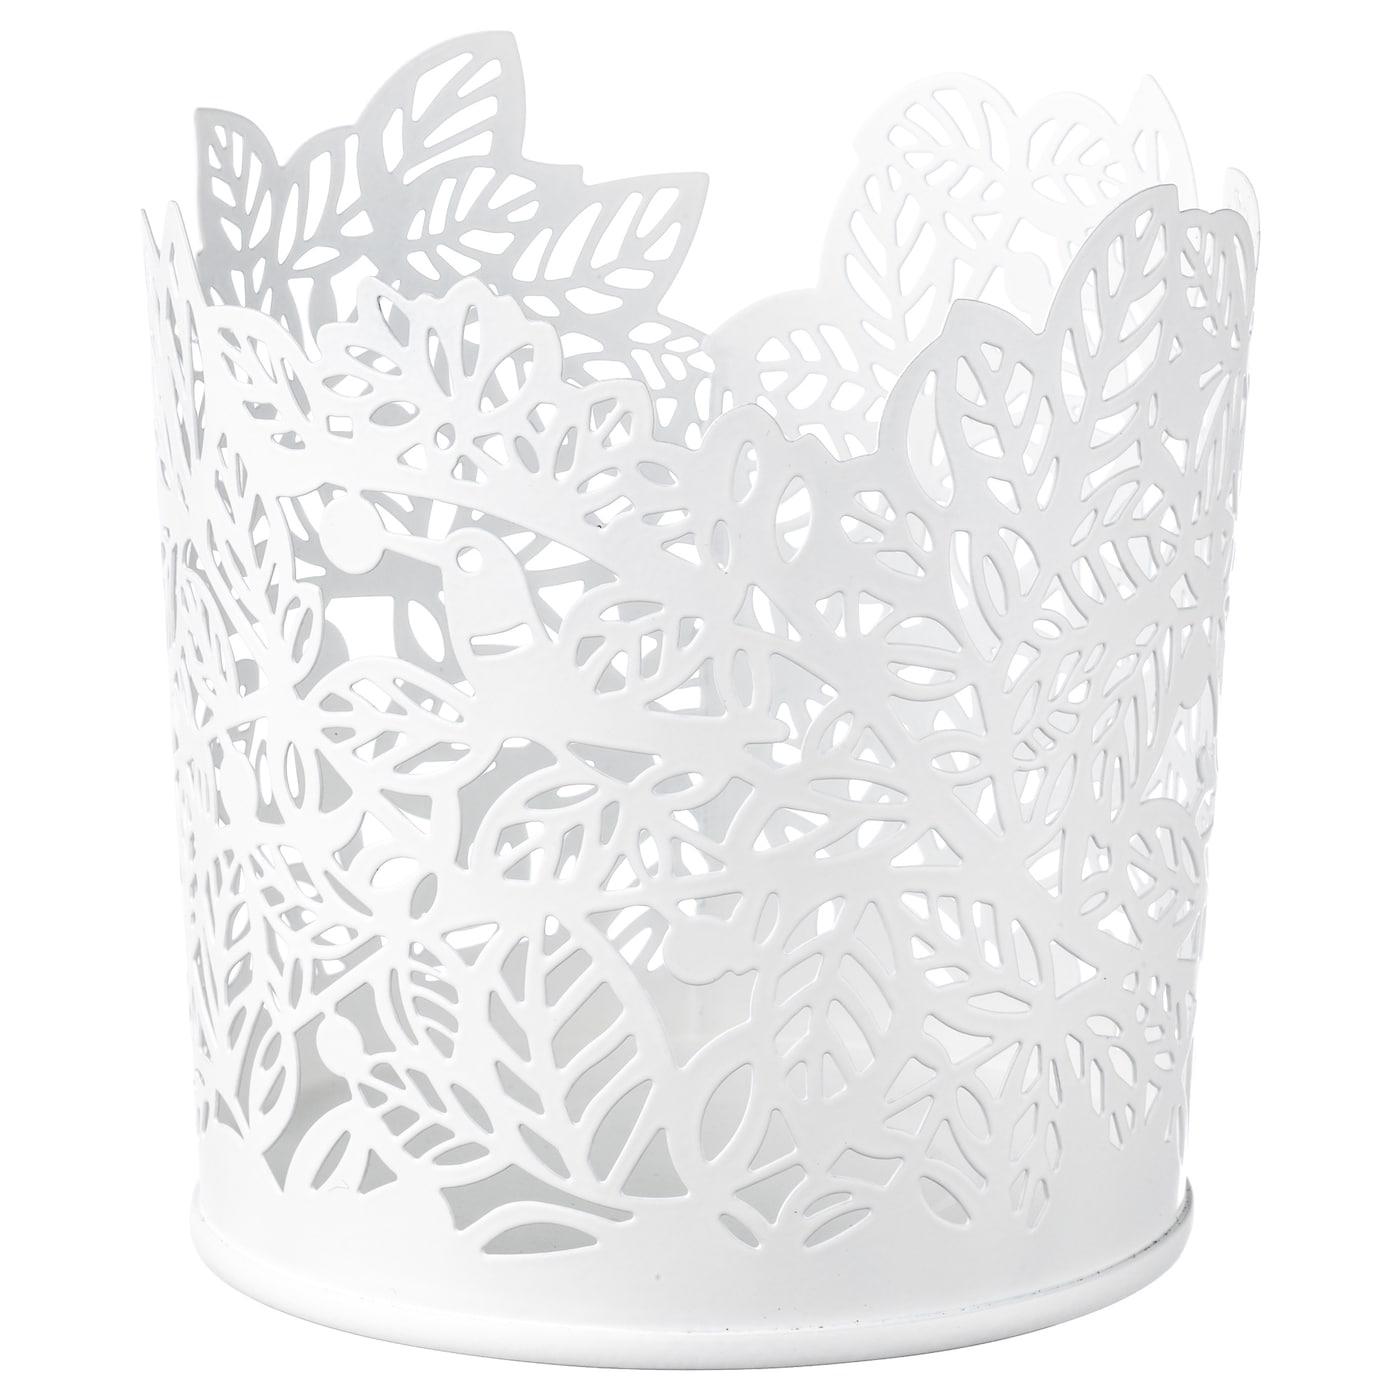 IKEA stabbig deco pour bougie en verre en noir; 8 cm Photophore lumignons DECO